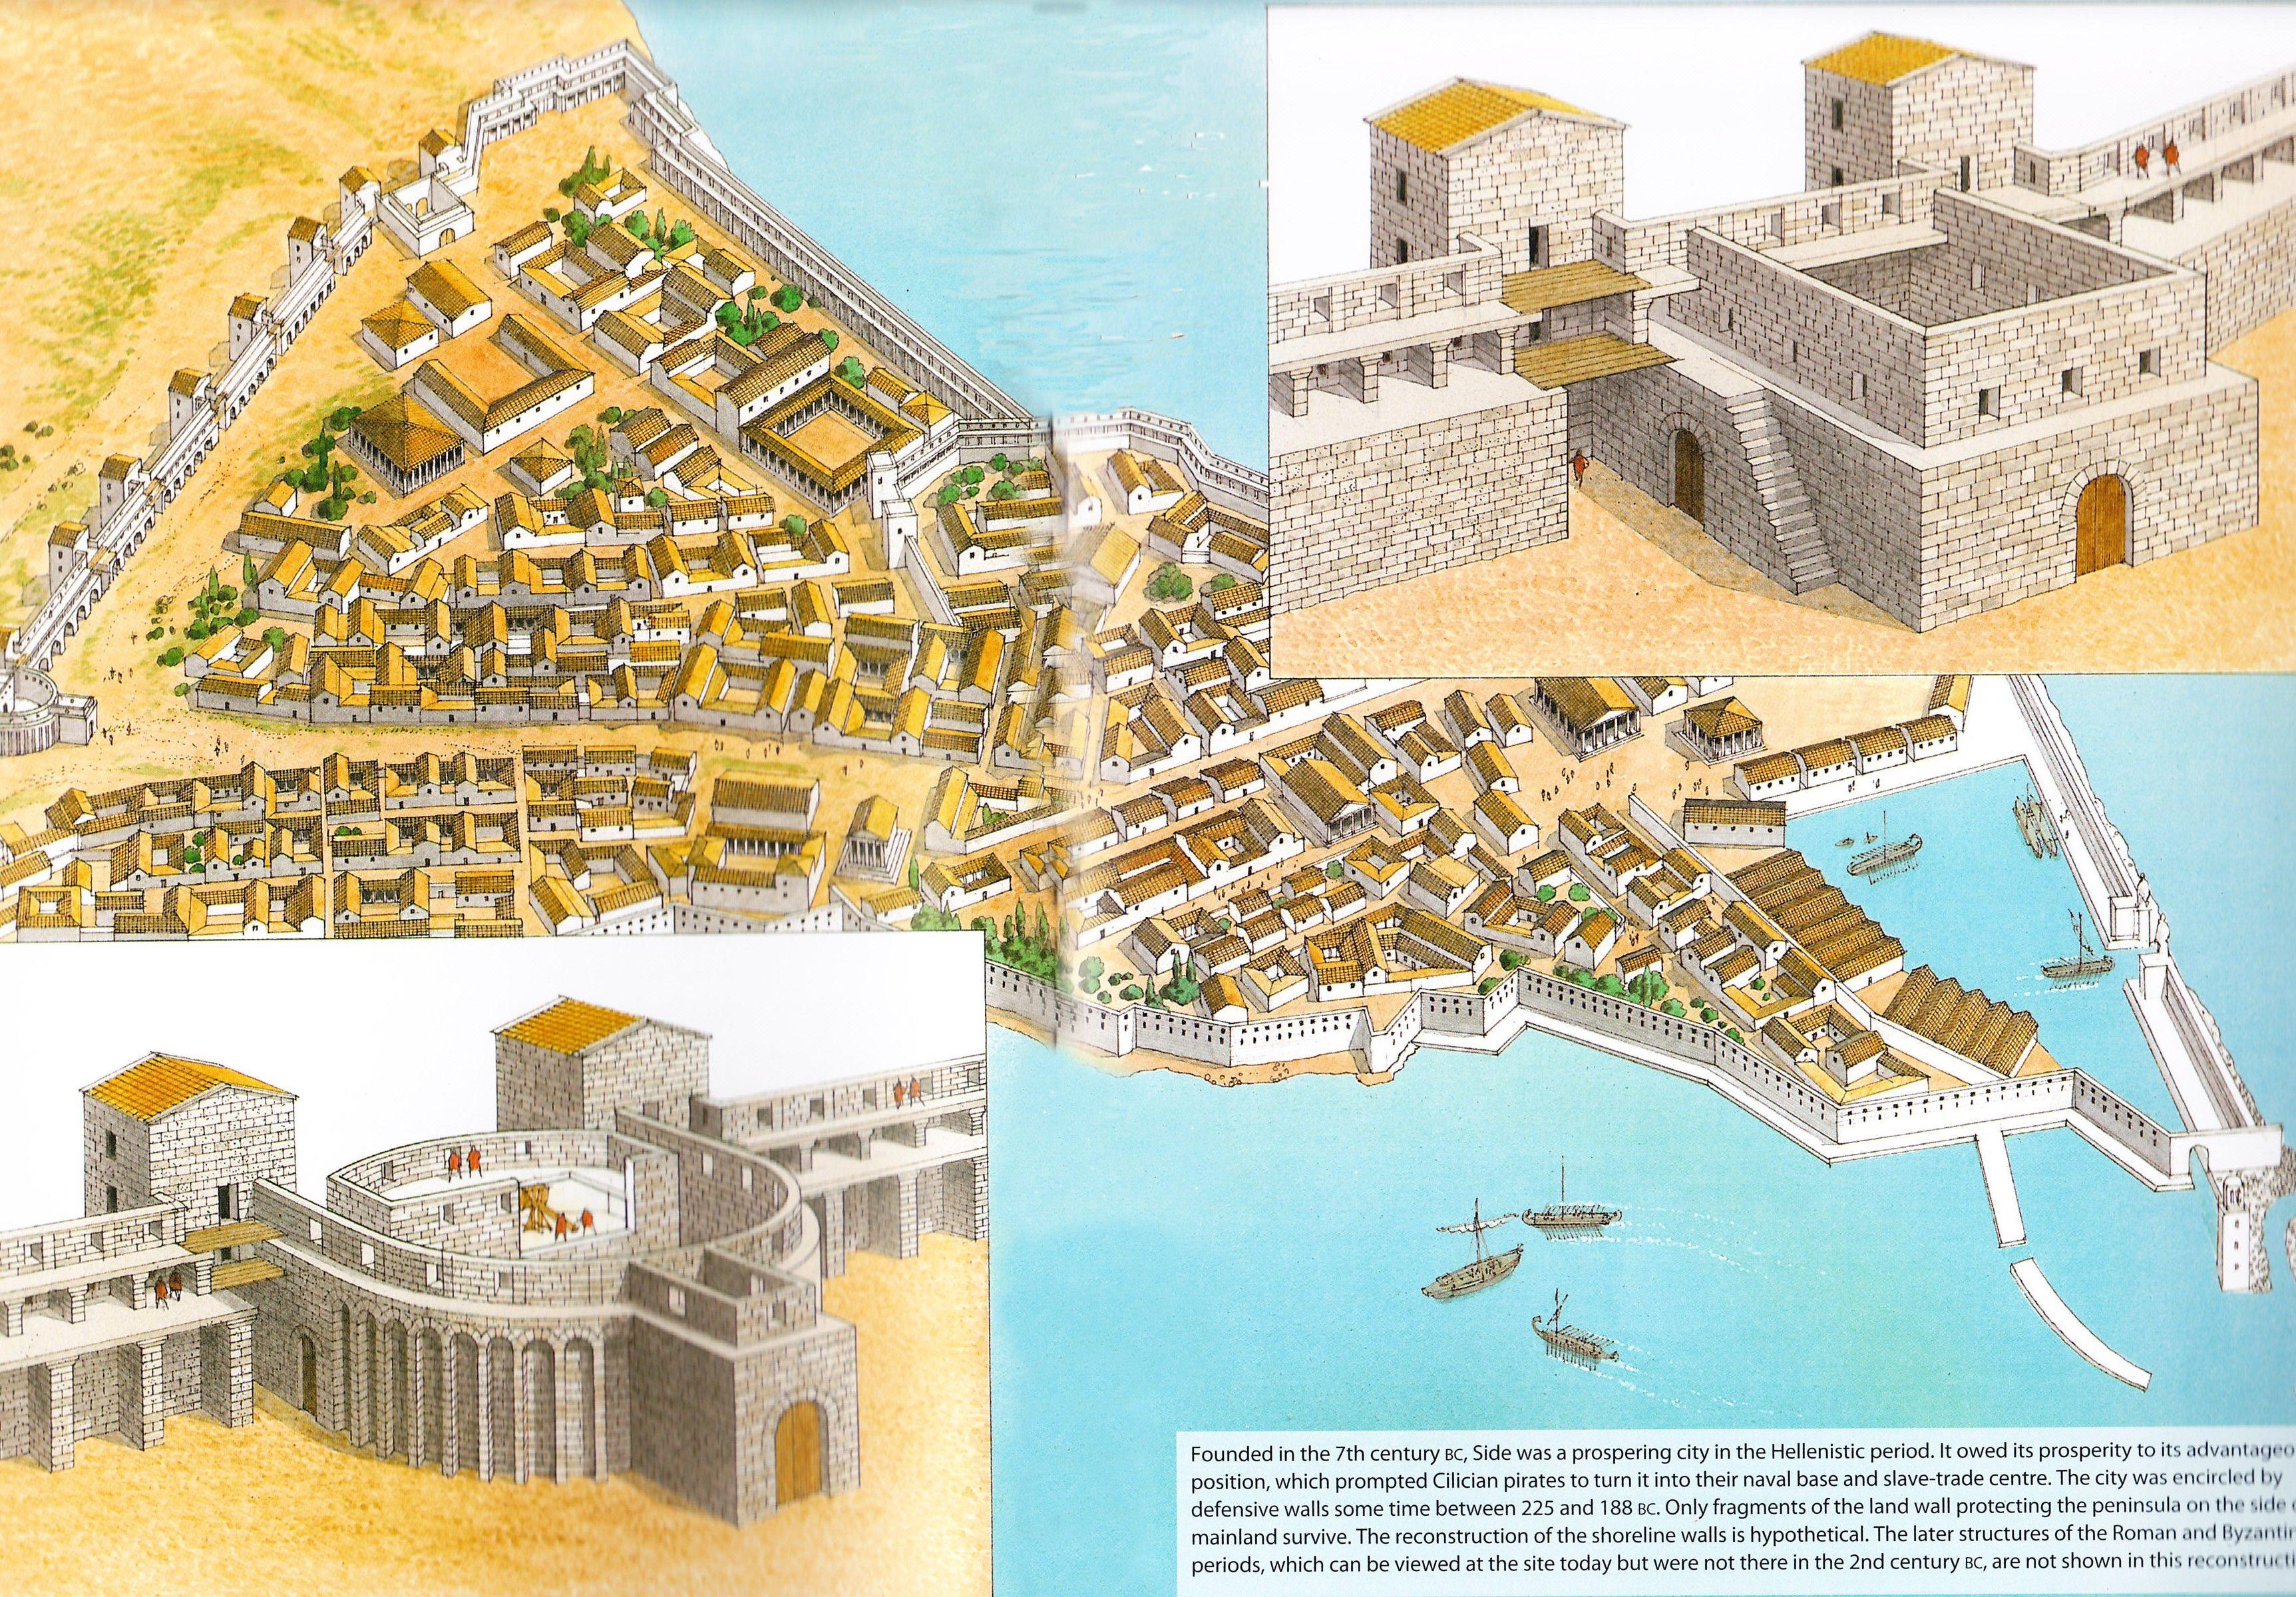 Una hipotética reconstrucción de las murallas de Side (Panfilia - Asia Menor) durante el periodo helenístico, por cortesía de Brian Delf. Más en www.elgrancapitan.org